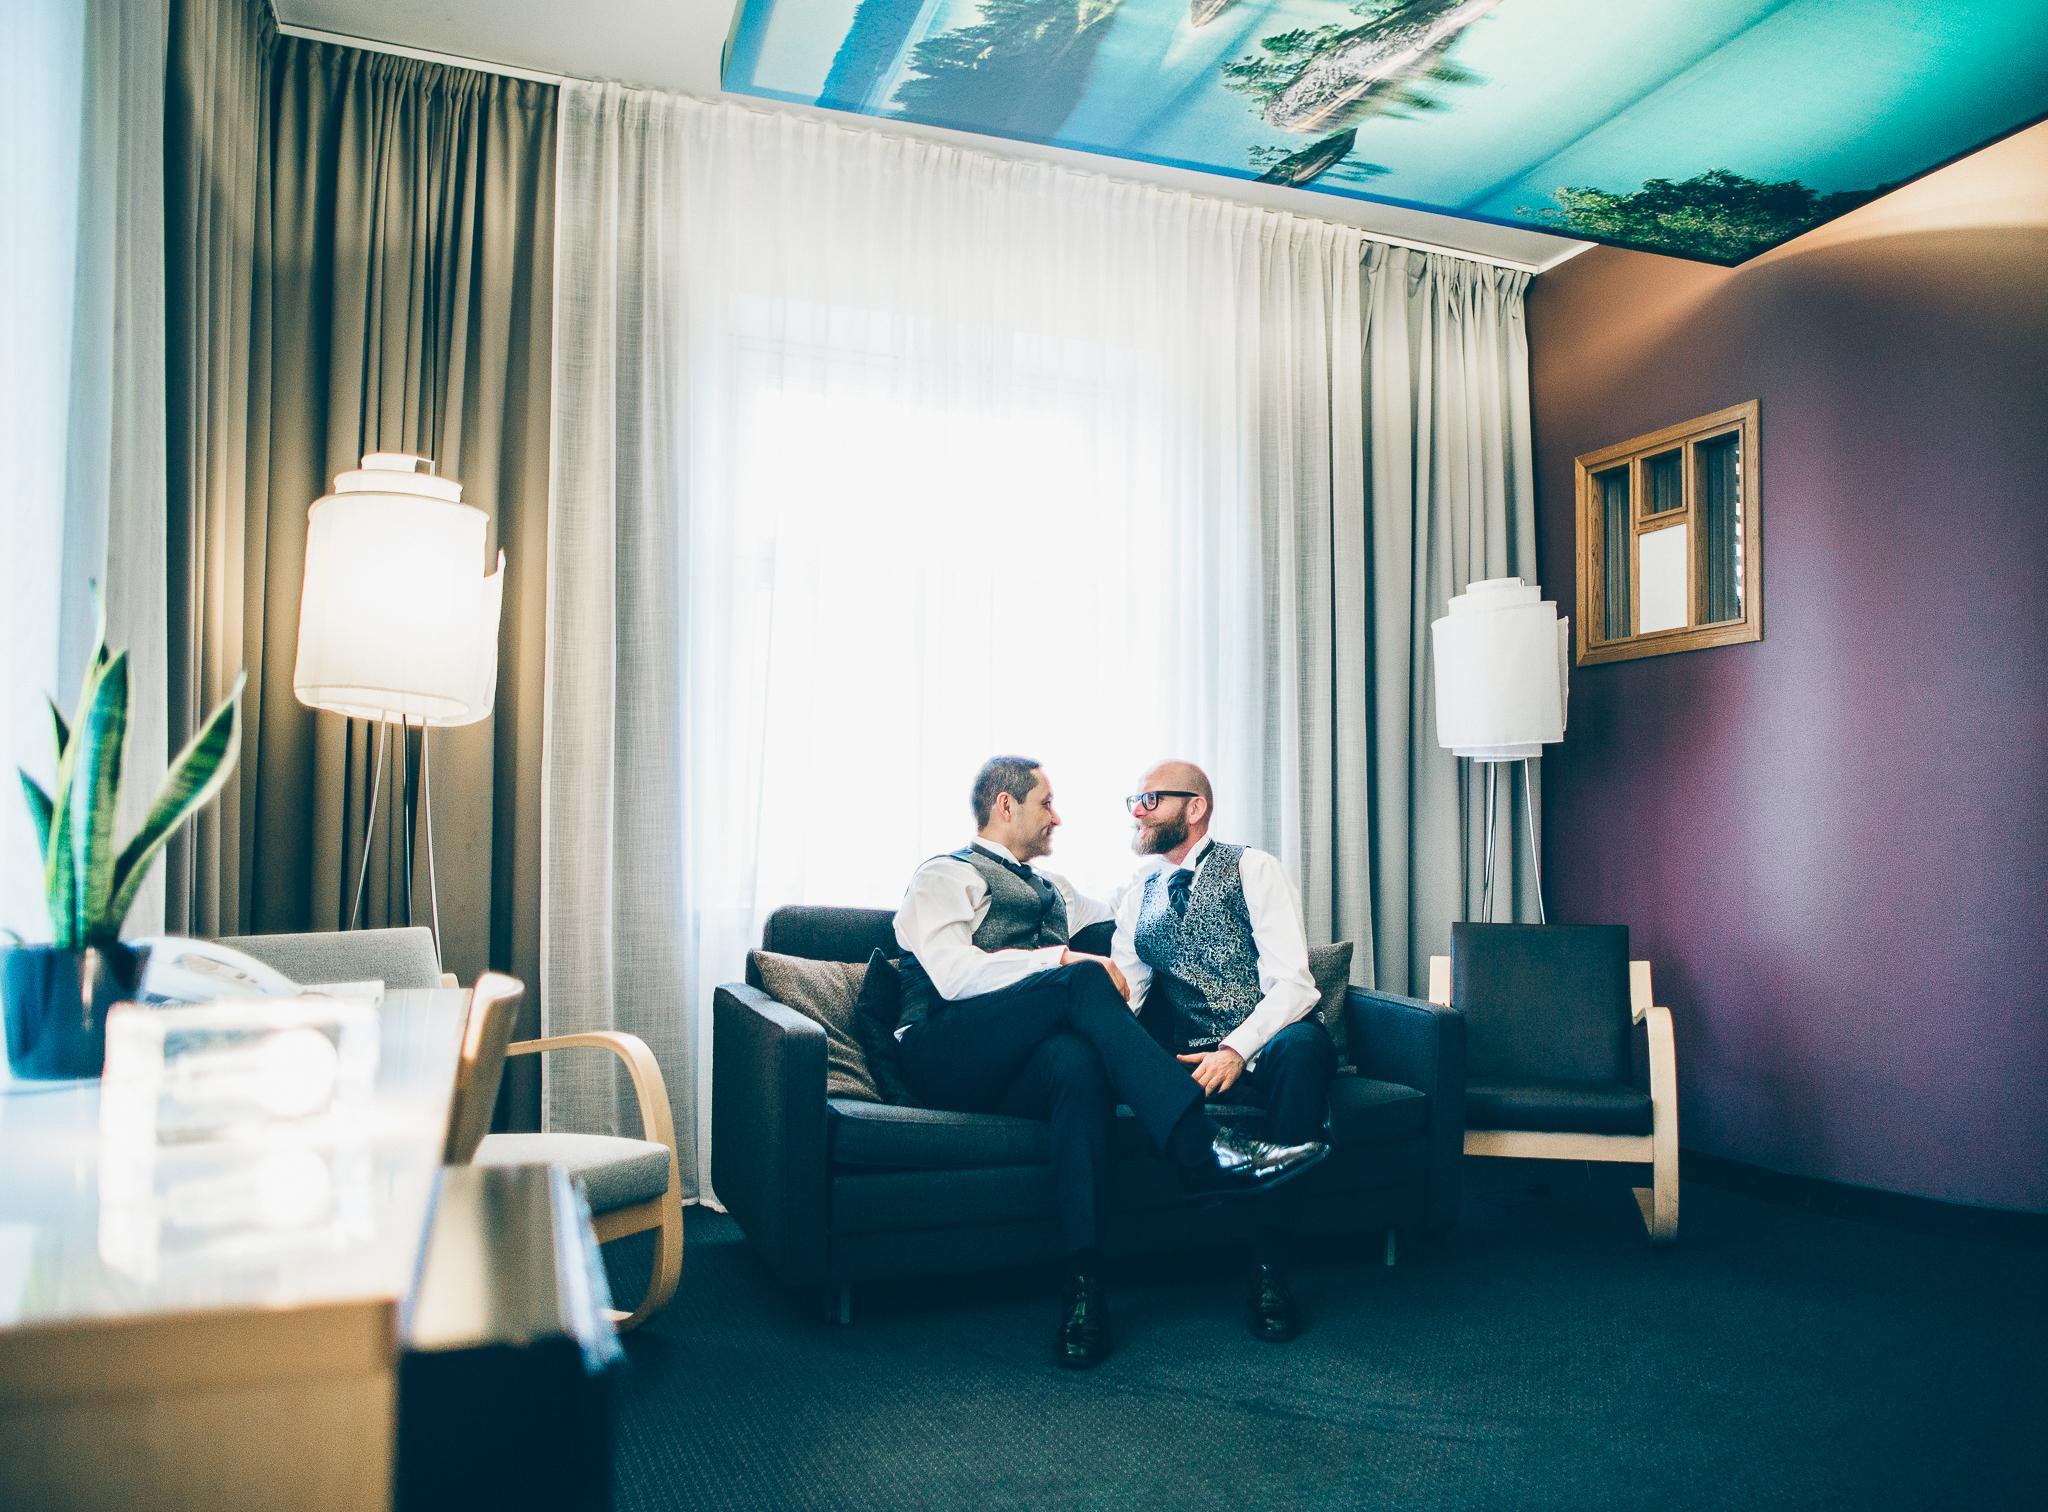 Gay/LGBTQ friendly Hotel Helka in Helsinki Finland, sateenkaariystävällinen Suomi yhteisön jäsen